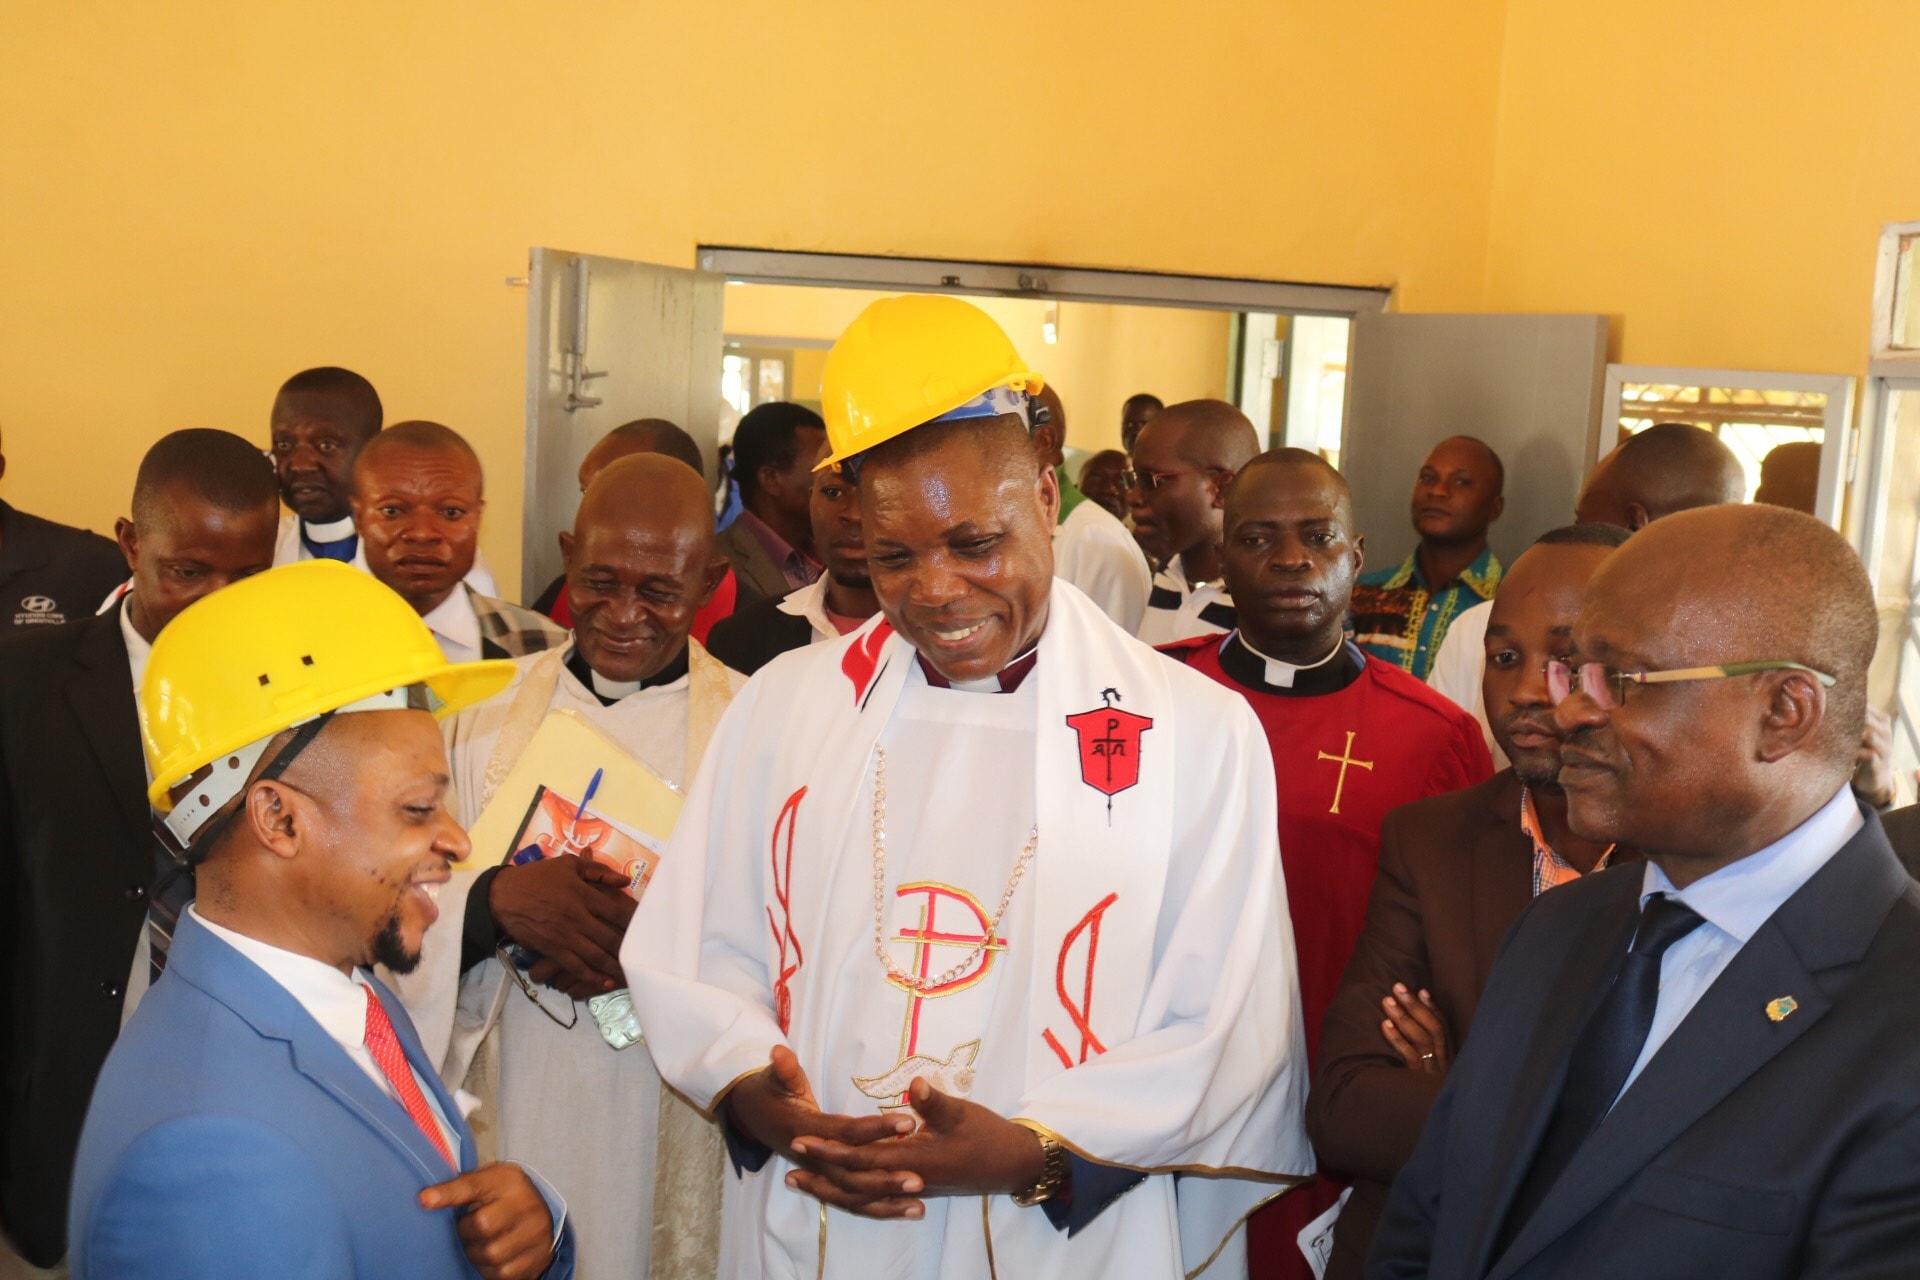 Quelques personnalités ayant procédé au lancement de la réhabilitation de l'hôpital. A partir de la gauche, l'honorable Charles Pungu Dimandja (en chapeau), Président de l'Assemblée provinciale du Sankuru, l'Evêque Daniel Lunge Onashuyaka, et le Dr. Luseke qui a fait don de 10 lits VIP à l'hôpital (en lunettes). Photo de François Omanyondo, UM News.